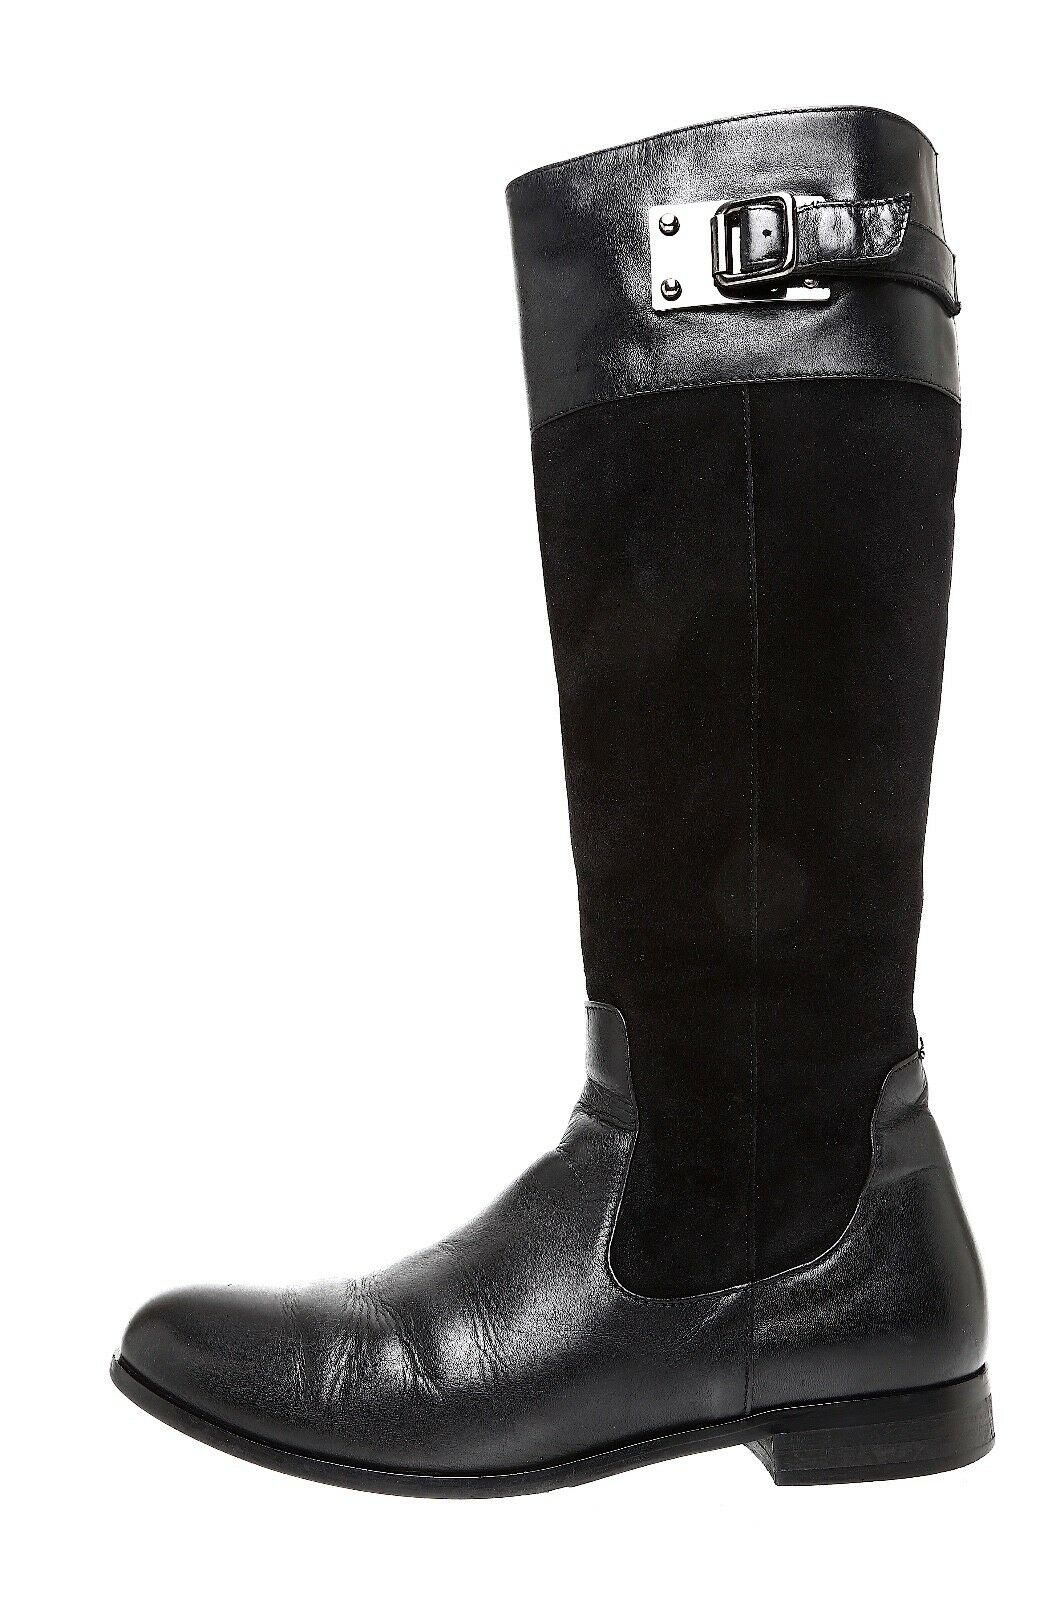 Aquatalia de By Marvin K. bota de Aquatalia gamuza cuero Drew Negro para Mujeres Talla 6.5 5986  3f86b2